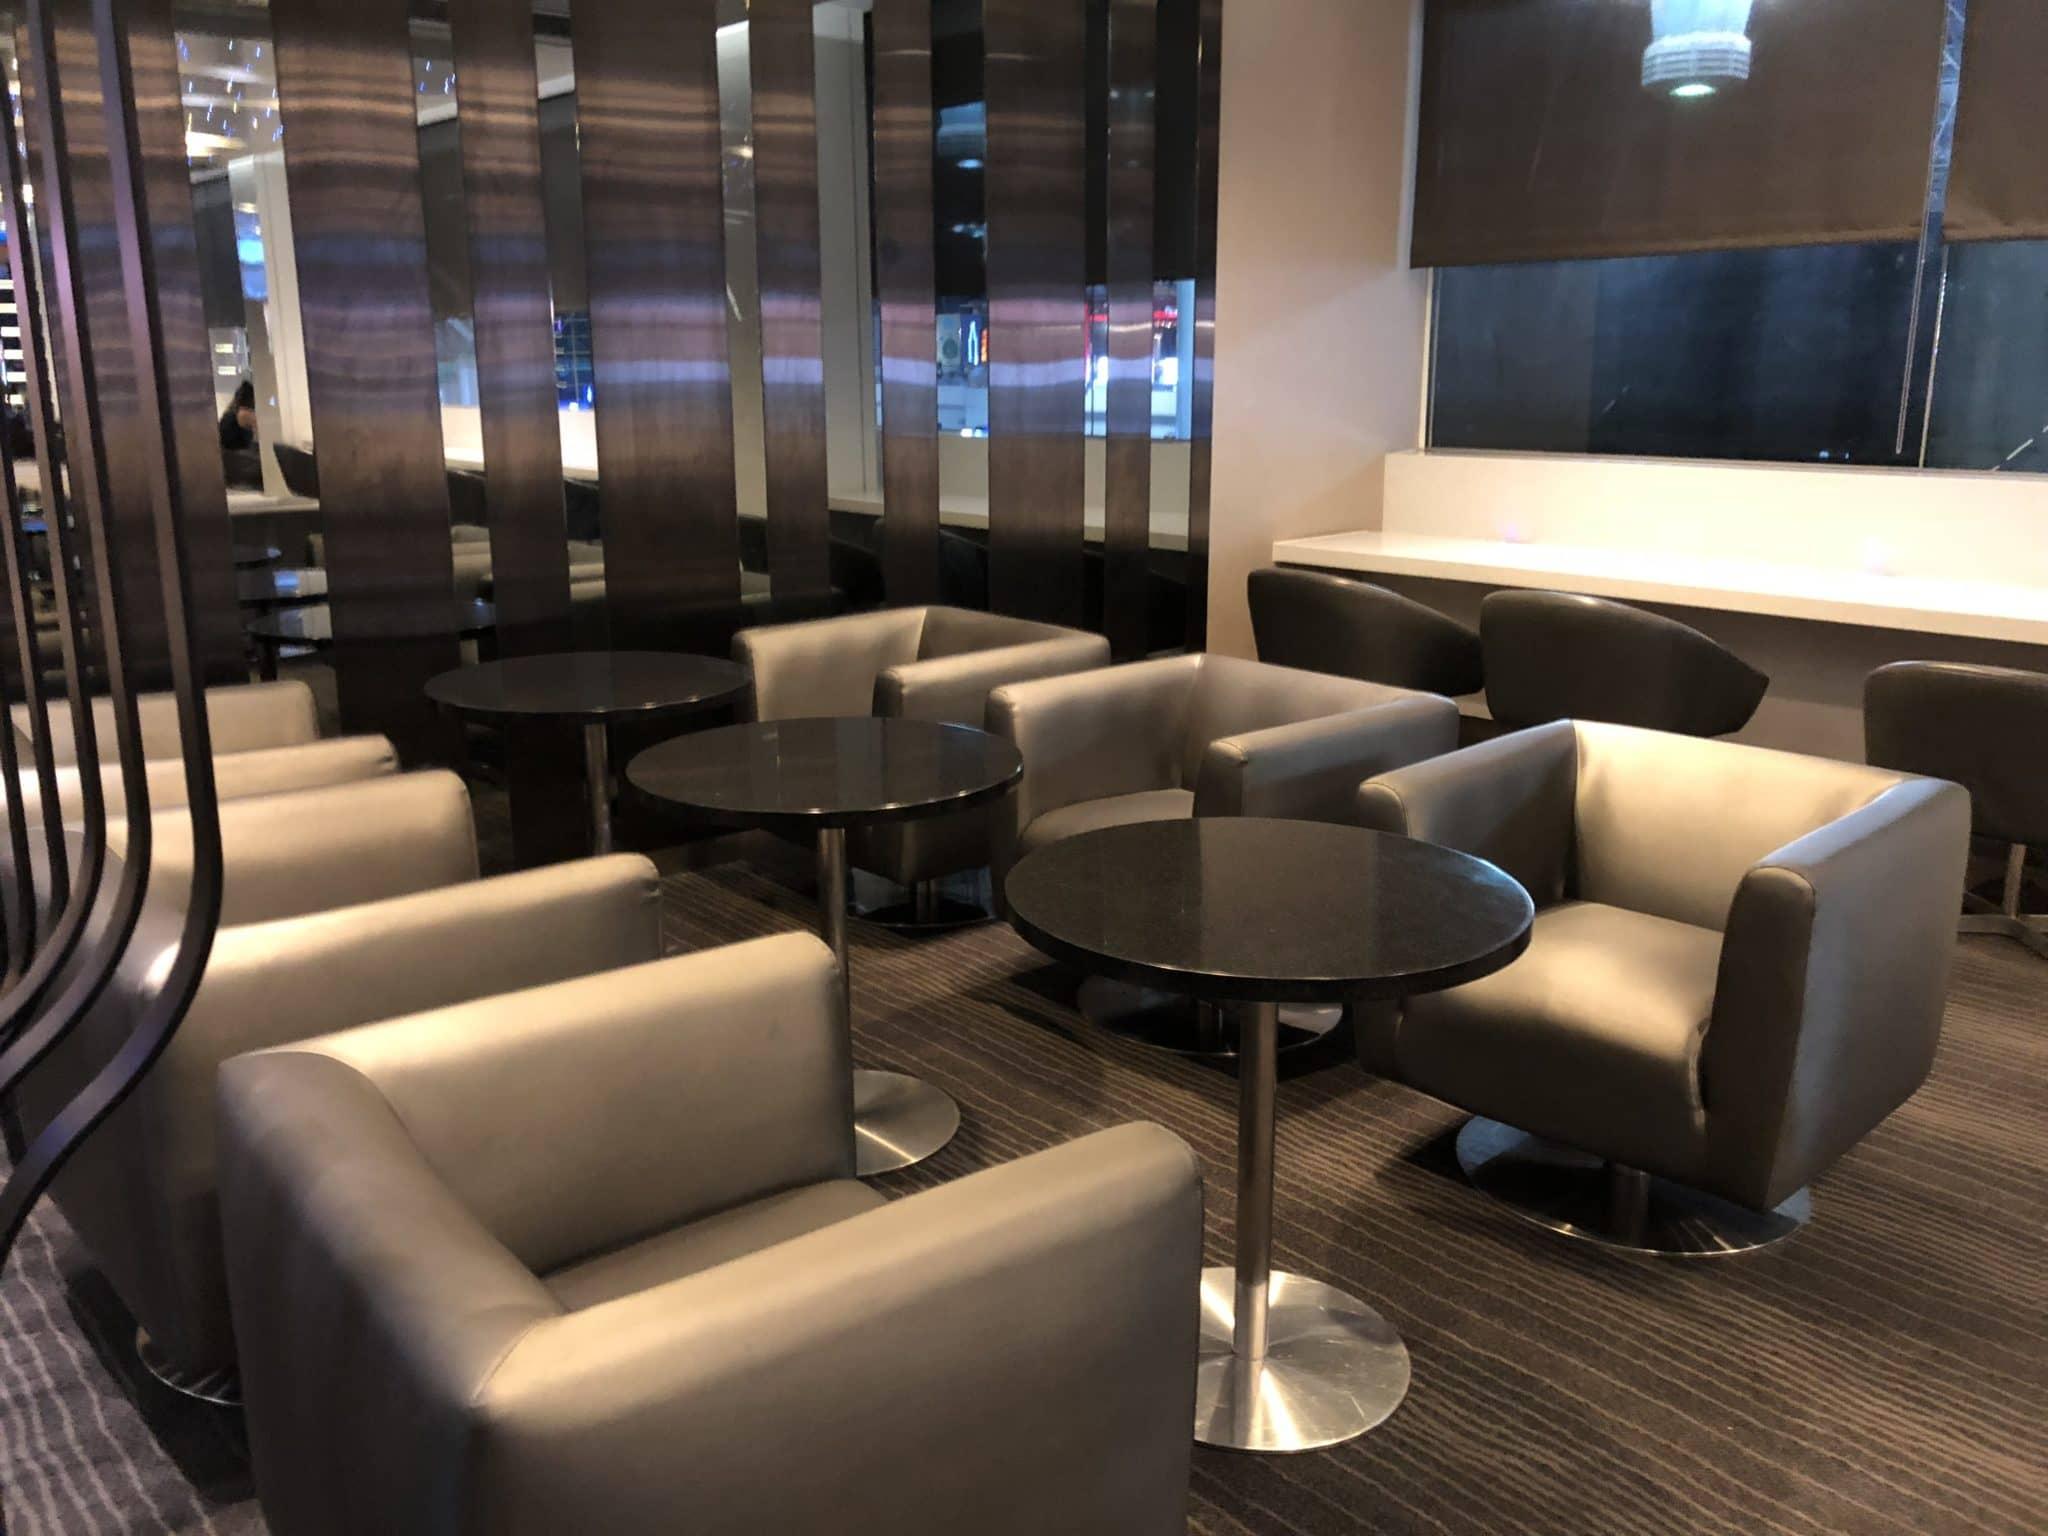 EVA Air Lounge The Infinity Sitzmoeglichkeiten